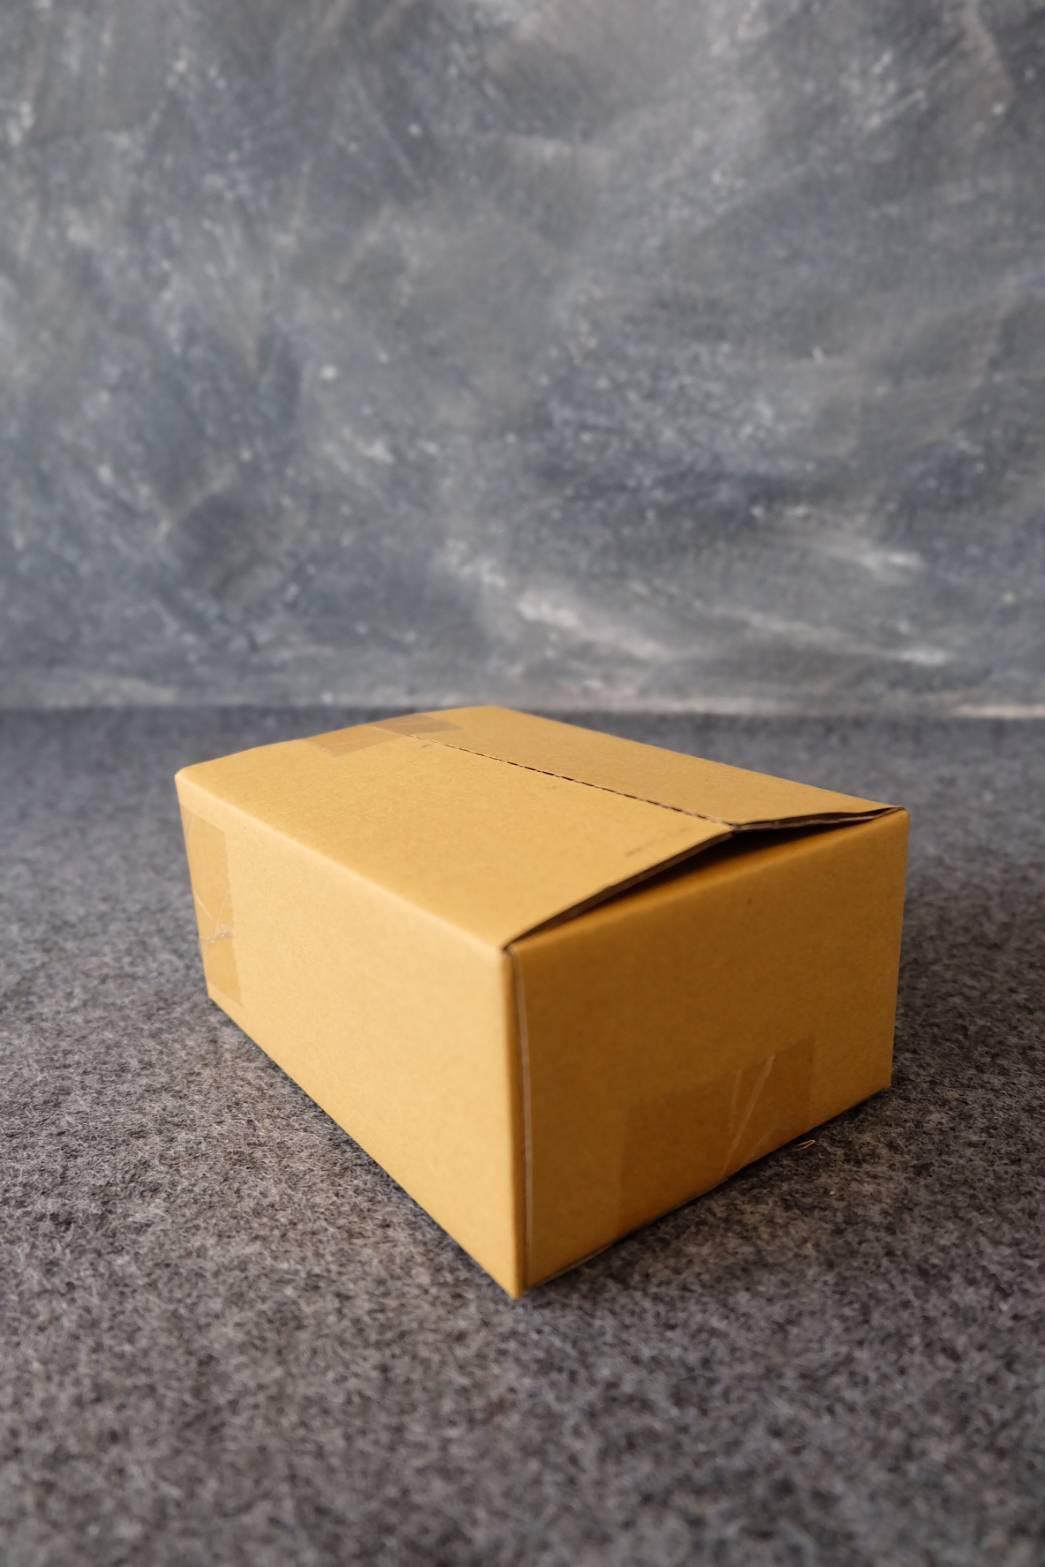 กล่องพัสดุ เบอร์ 00 (11x8.5x6 cm.)